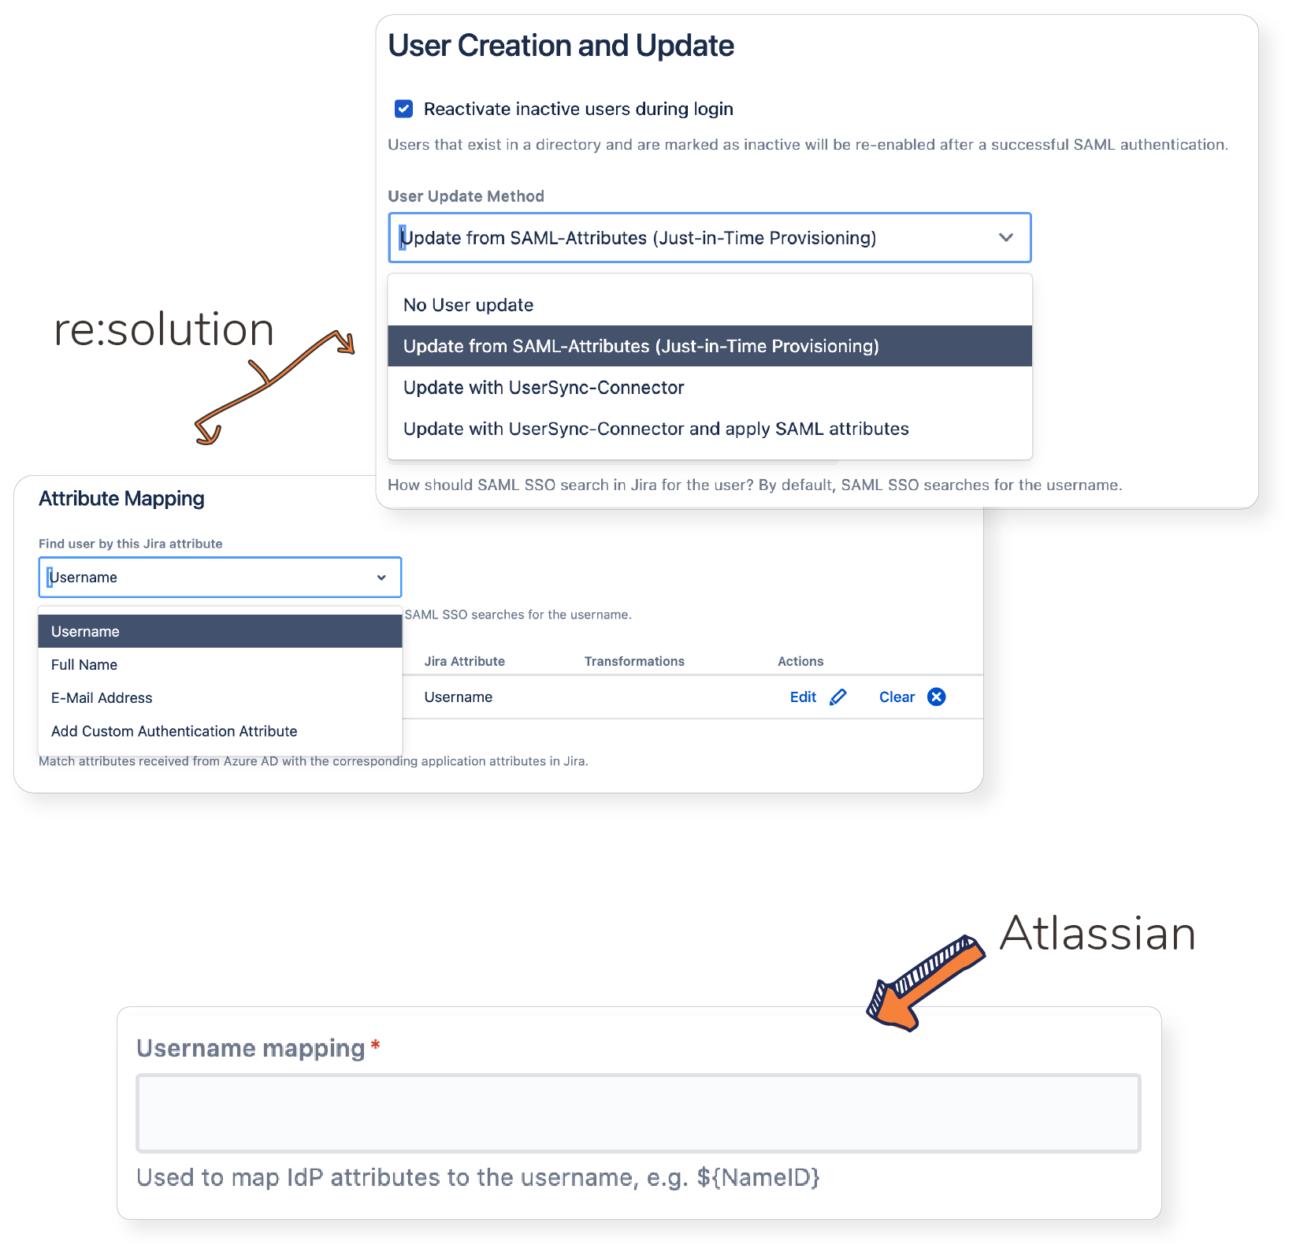 Choose User Creation & Update Method among